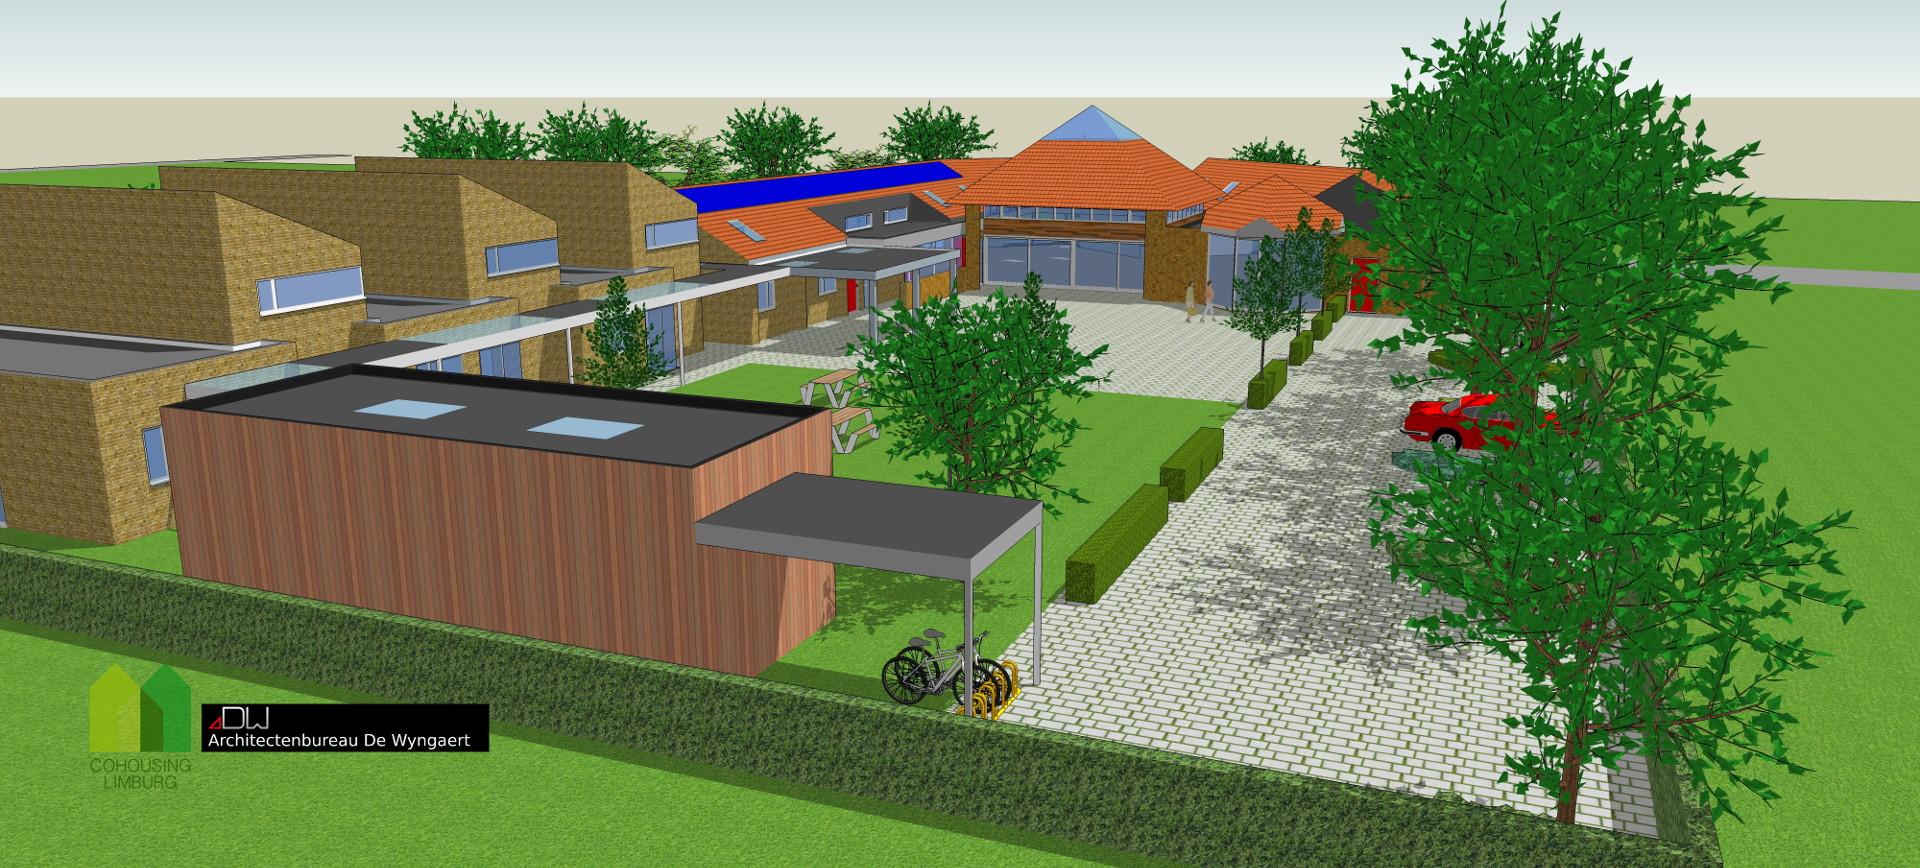 cohousing peer